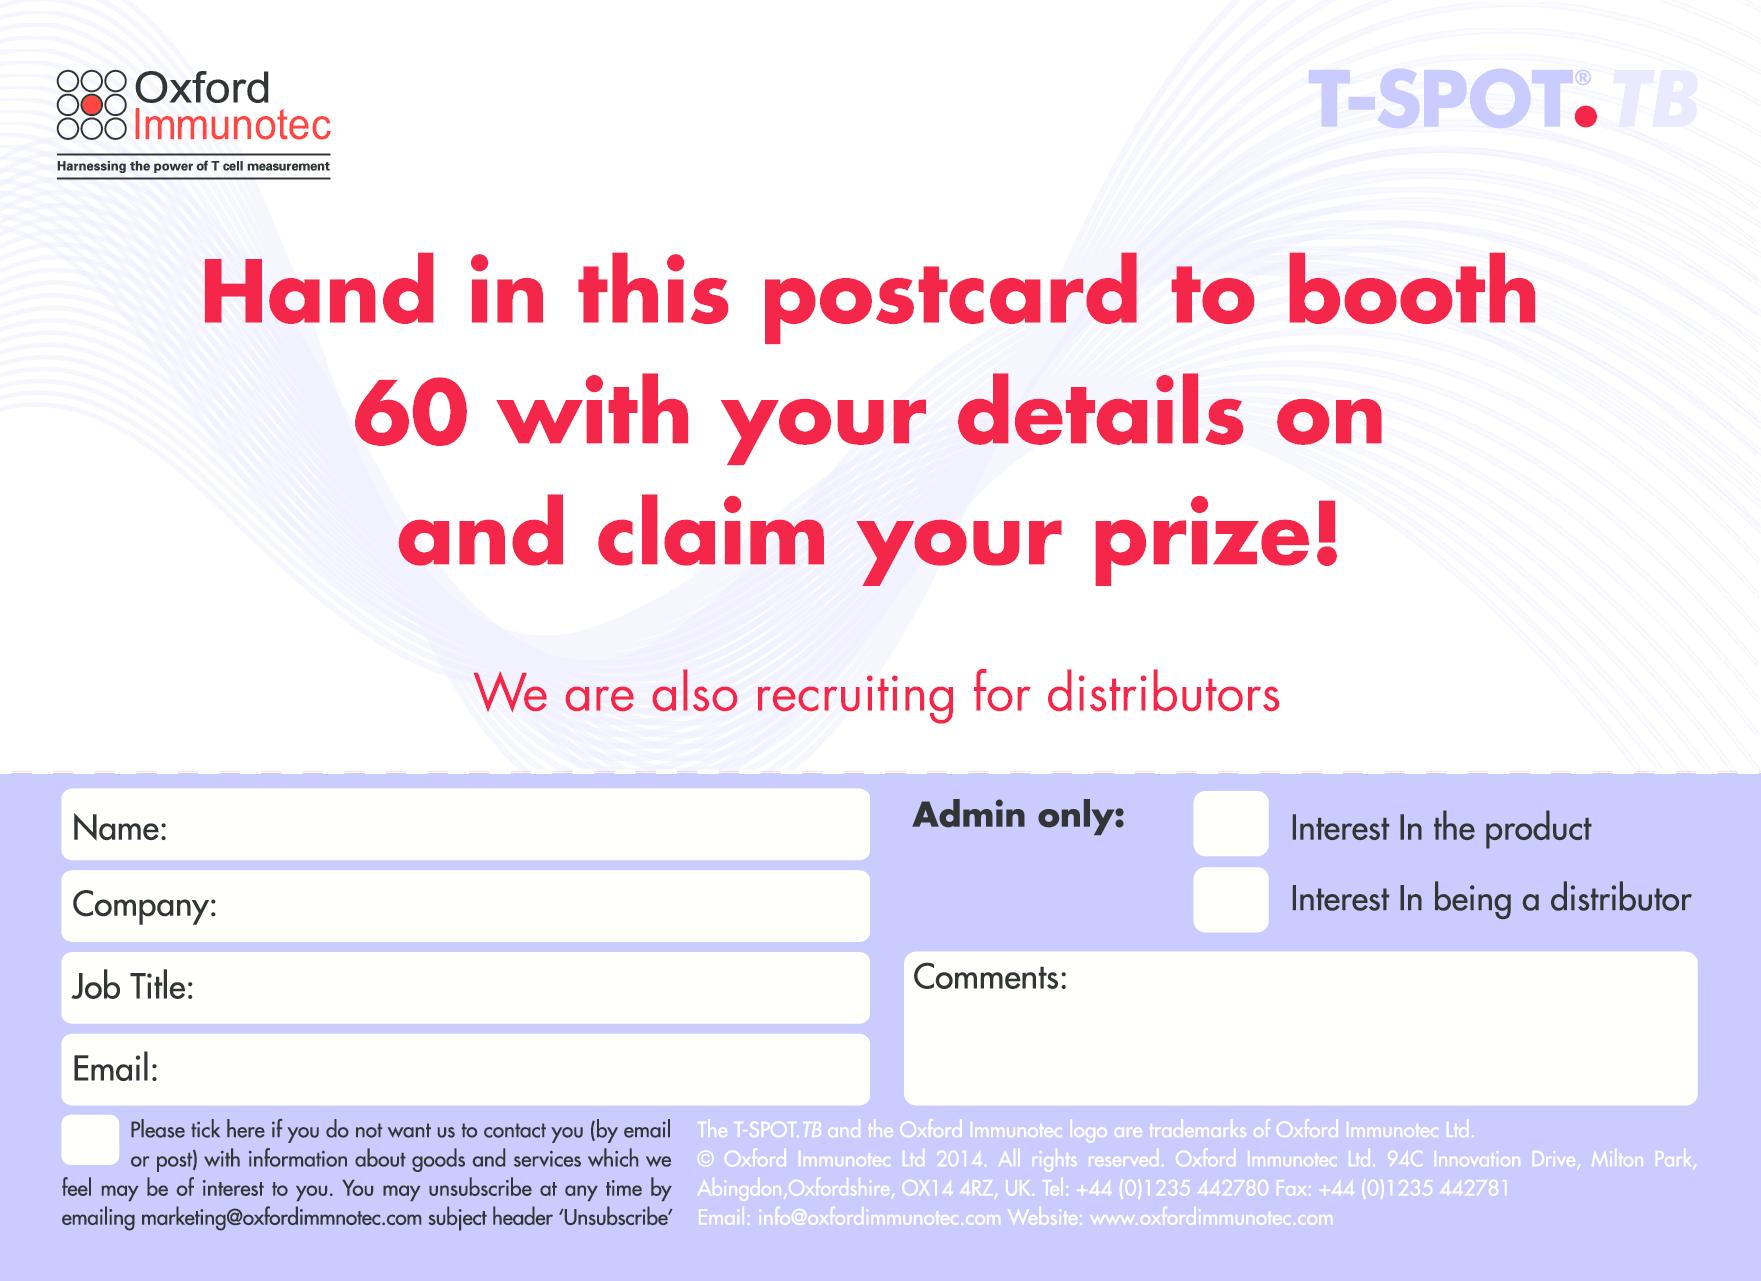 tb-test-postcard-2-print-2.png